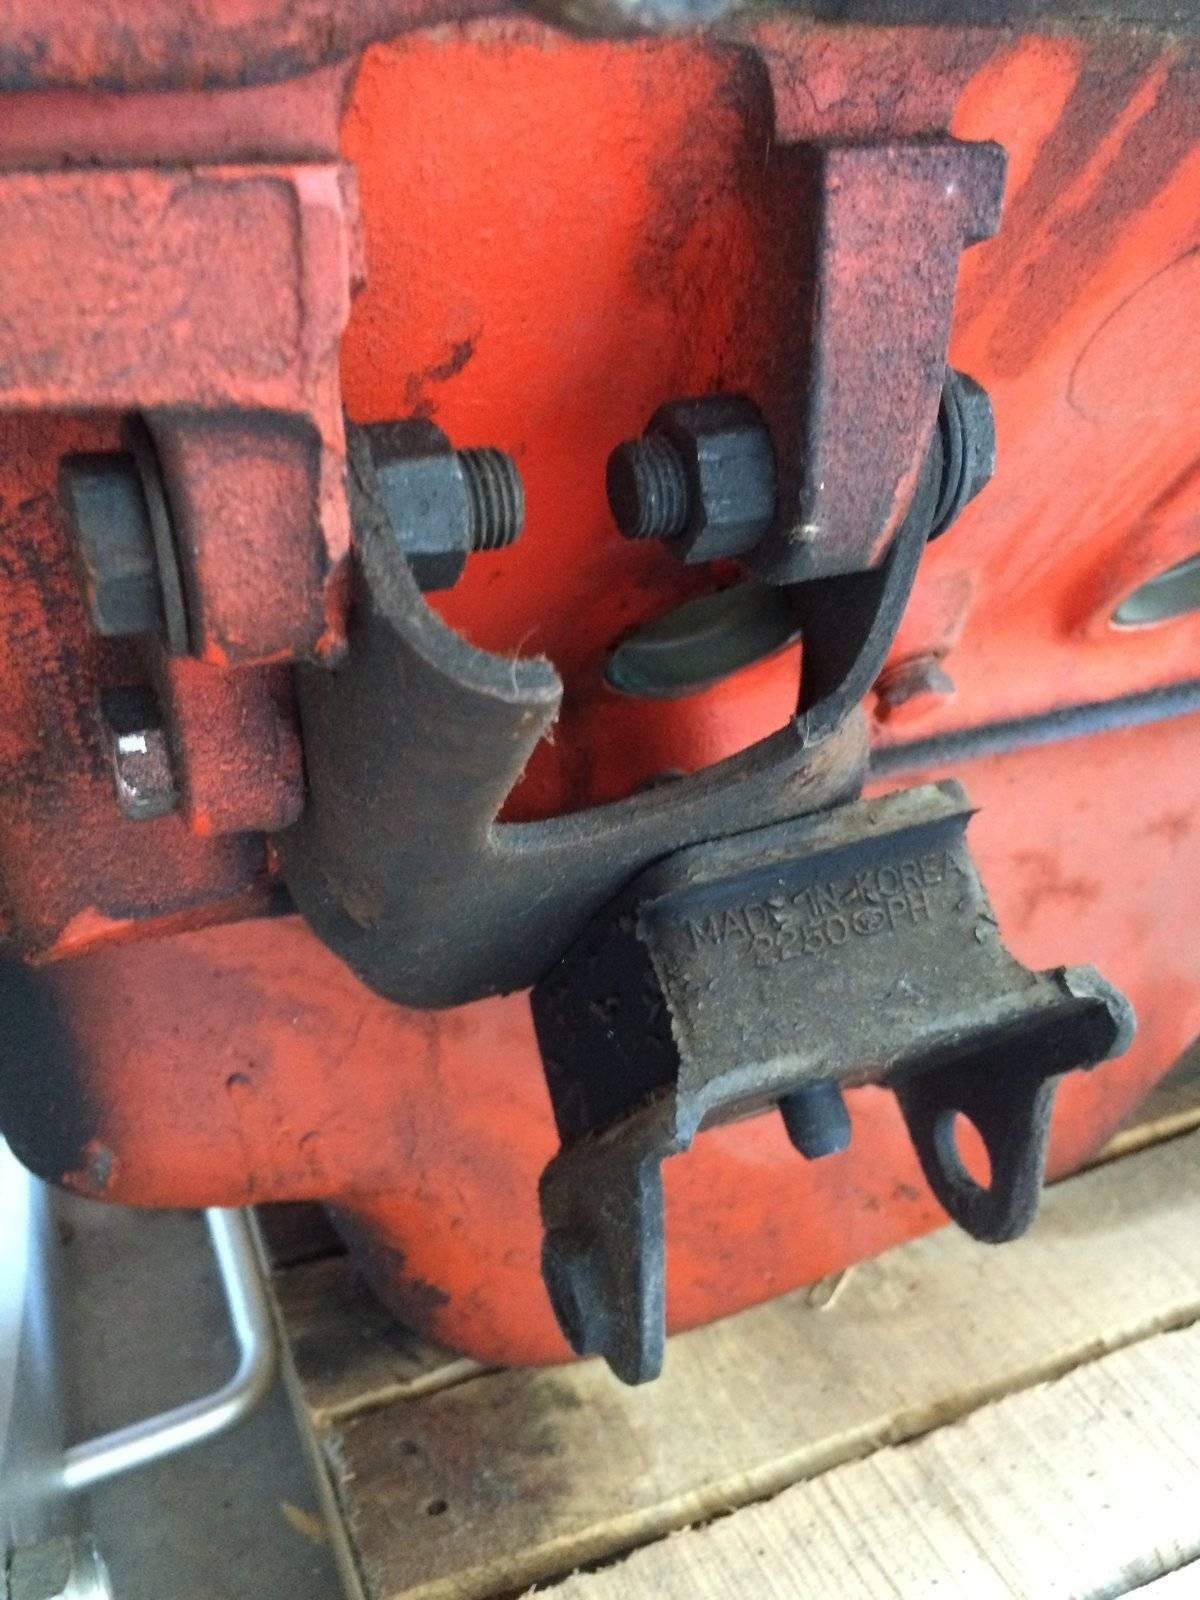 What Is Mopar >> La 318 mount don't fit 5.9 magnum. | For A Bodies Only ...